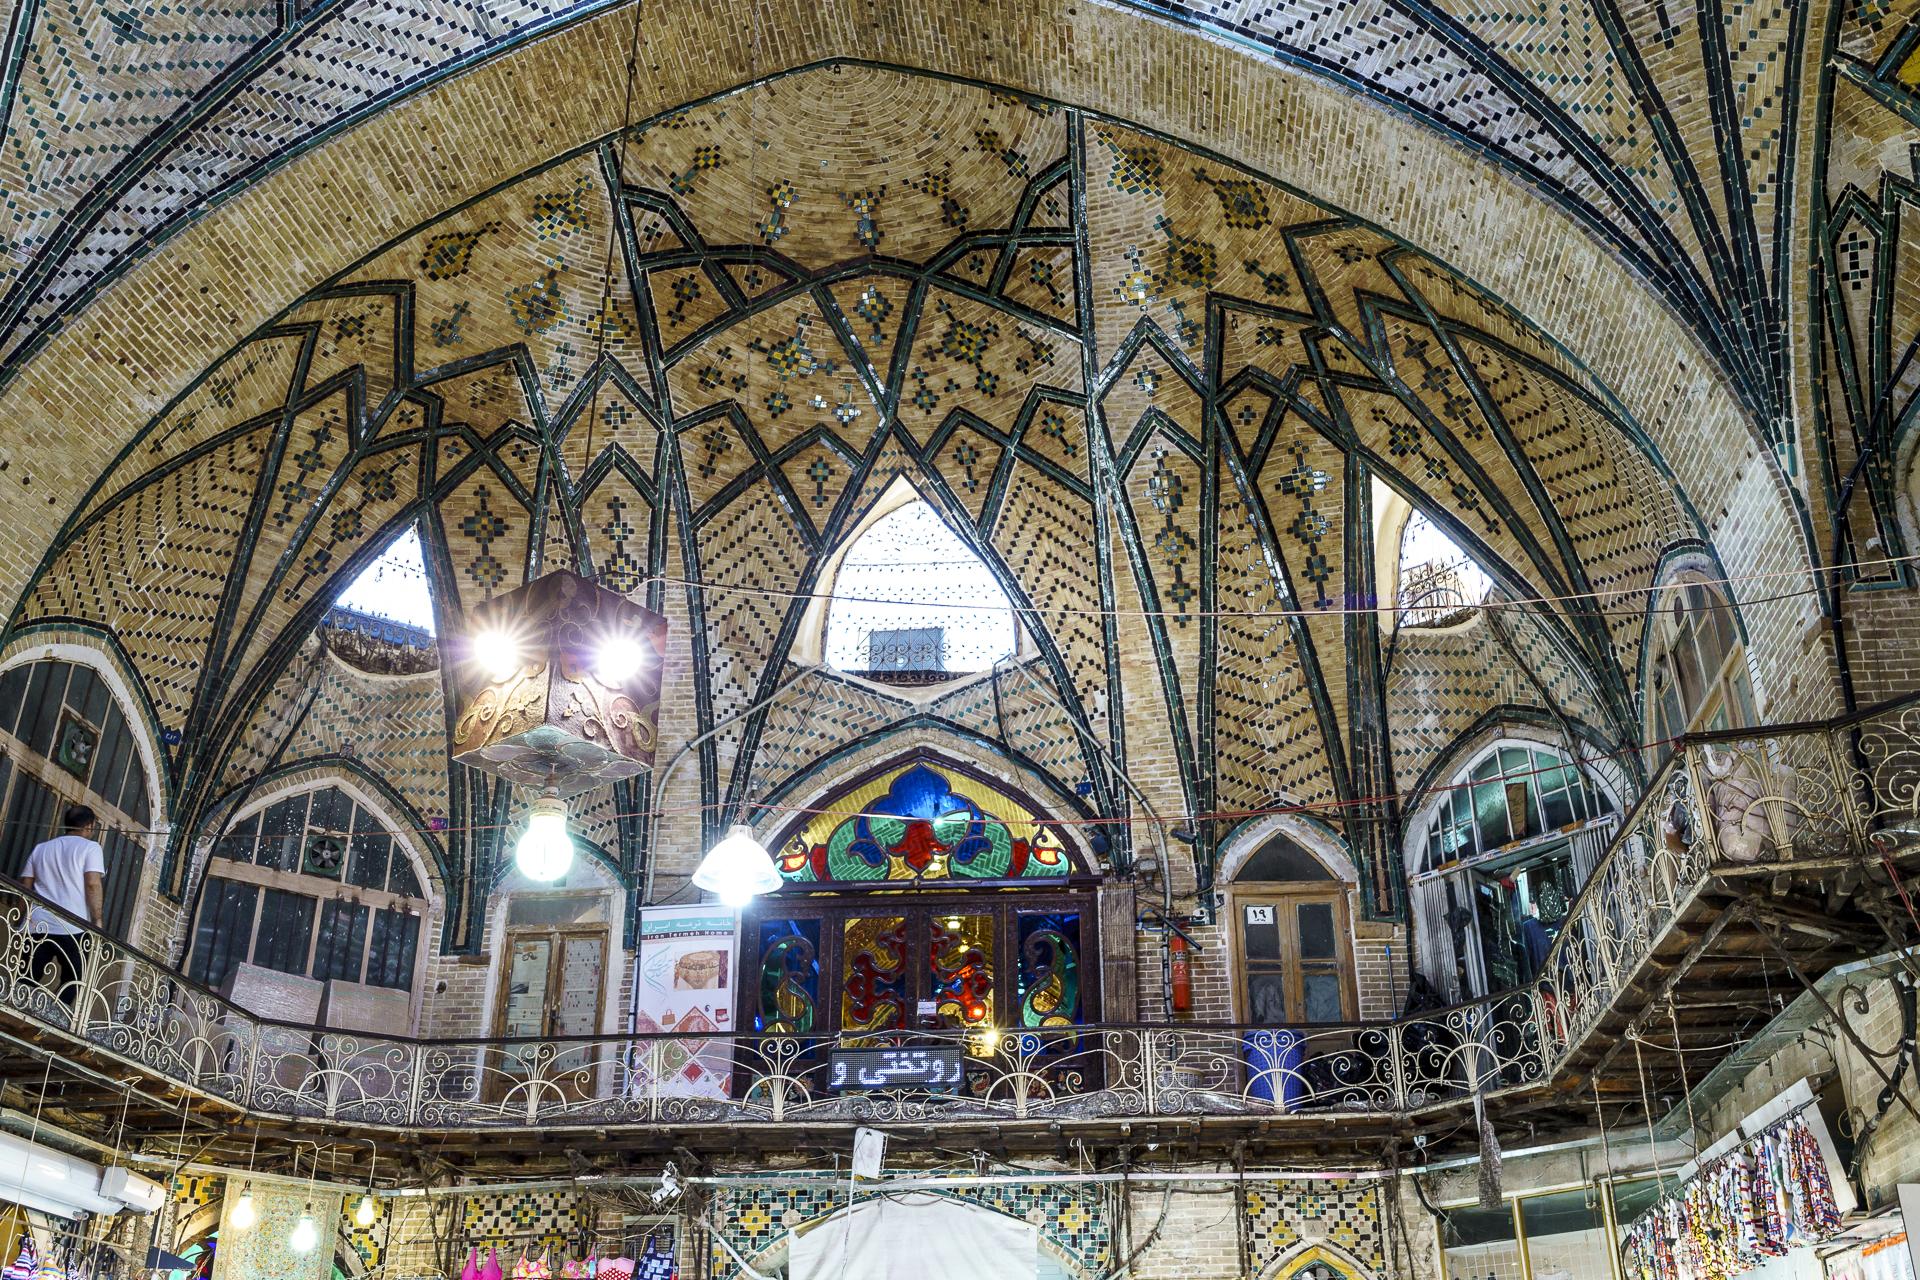 Wunderschöne Deckenkonstruktion im Grossen Basar